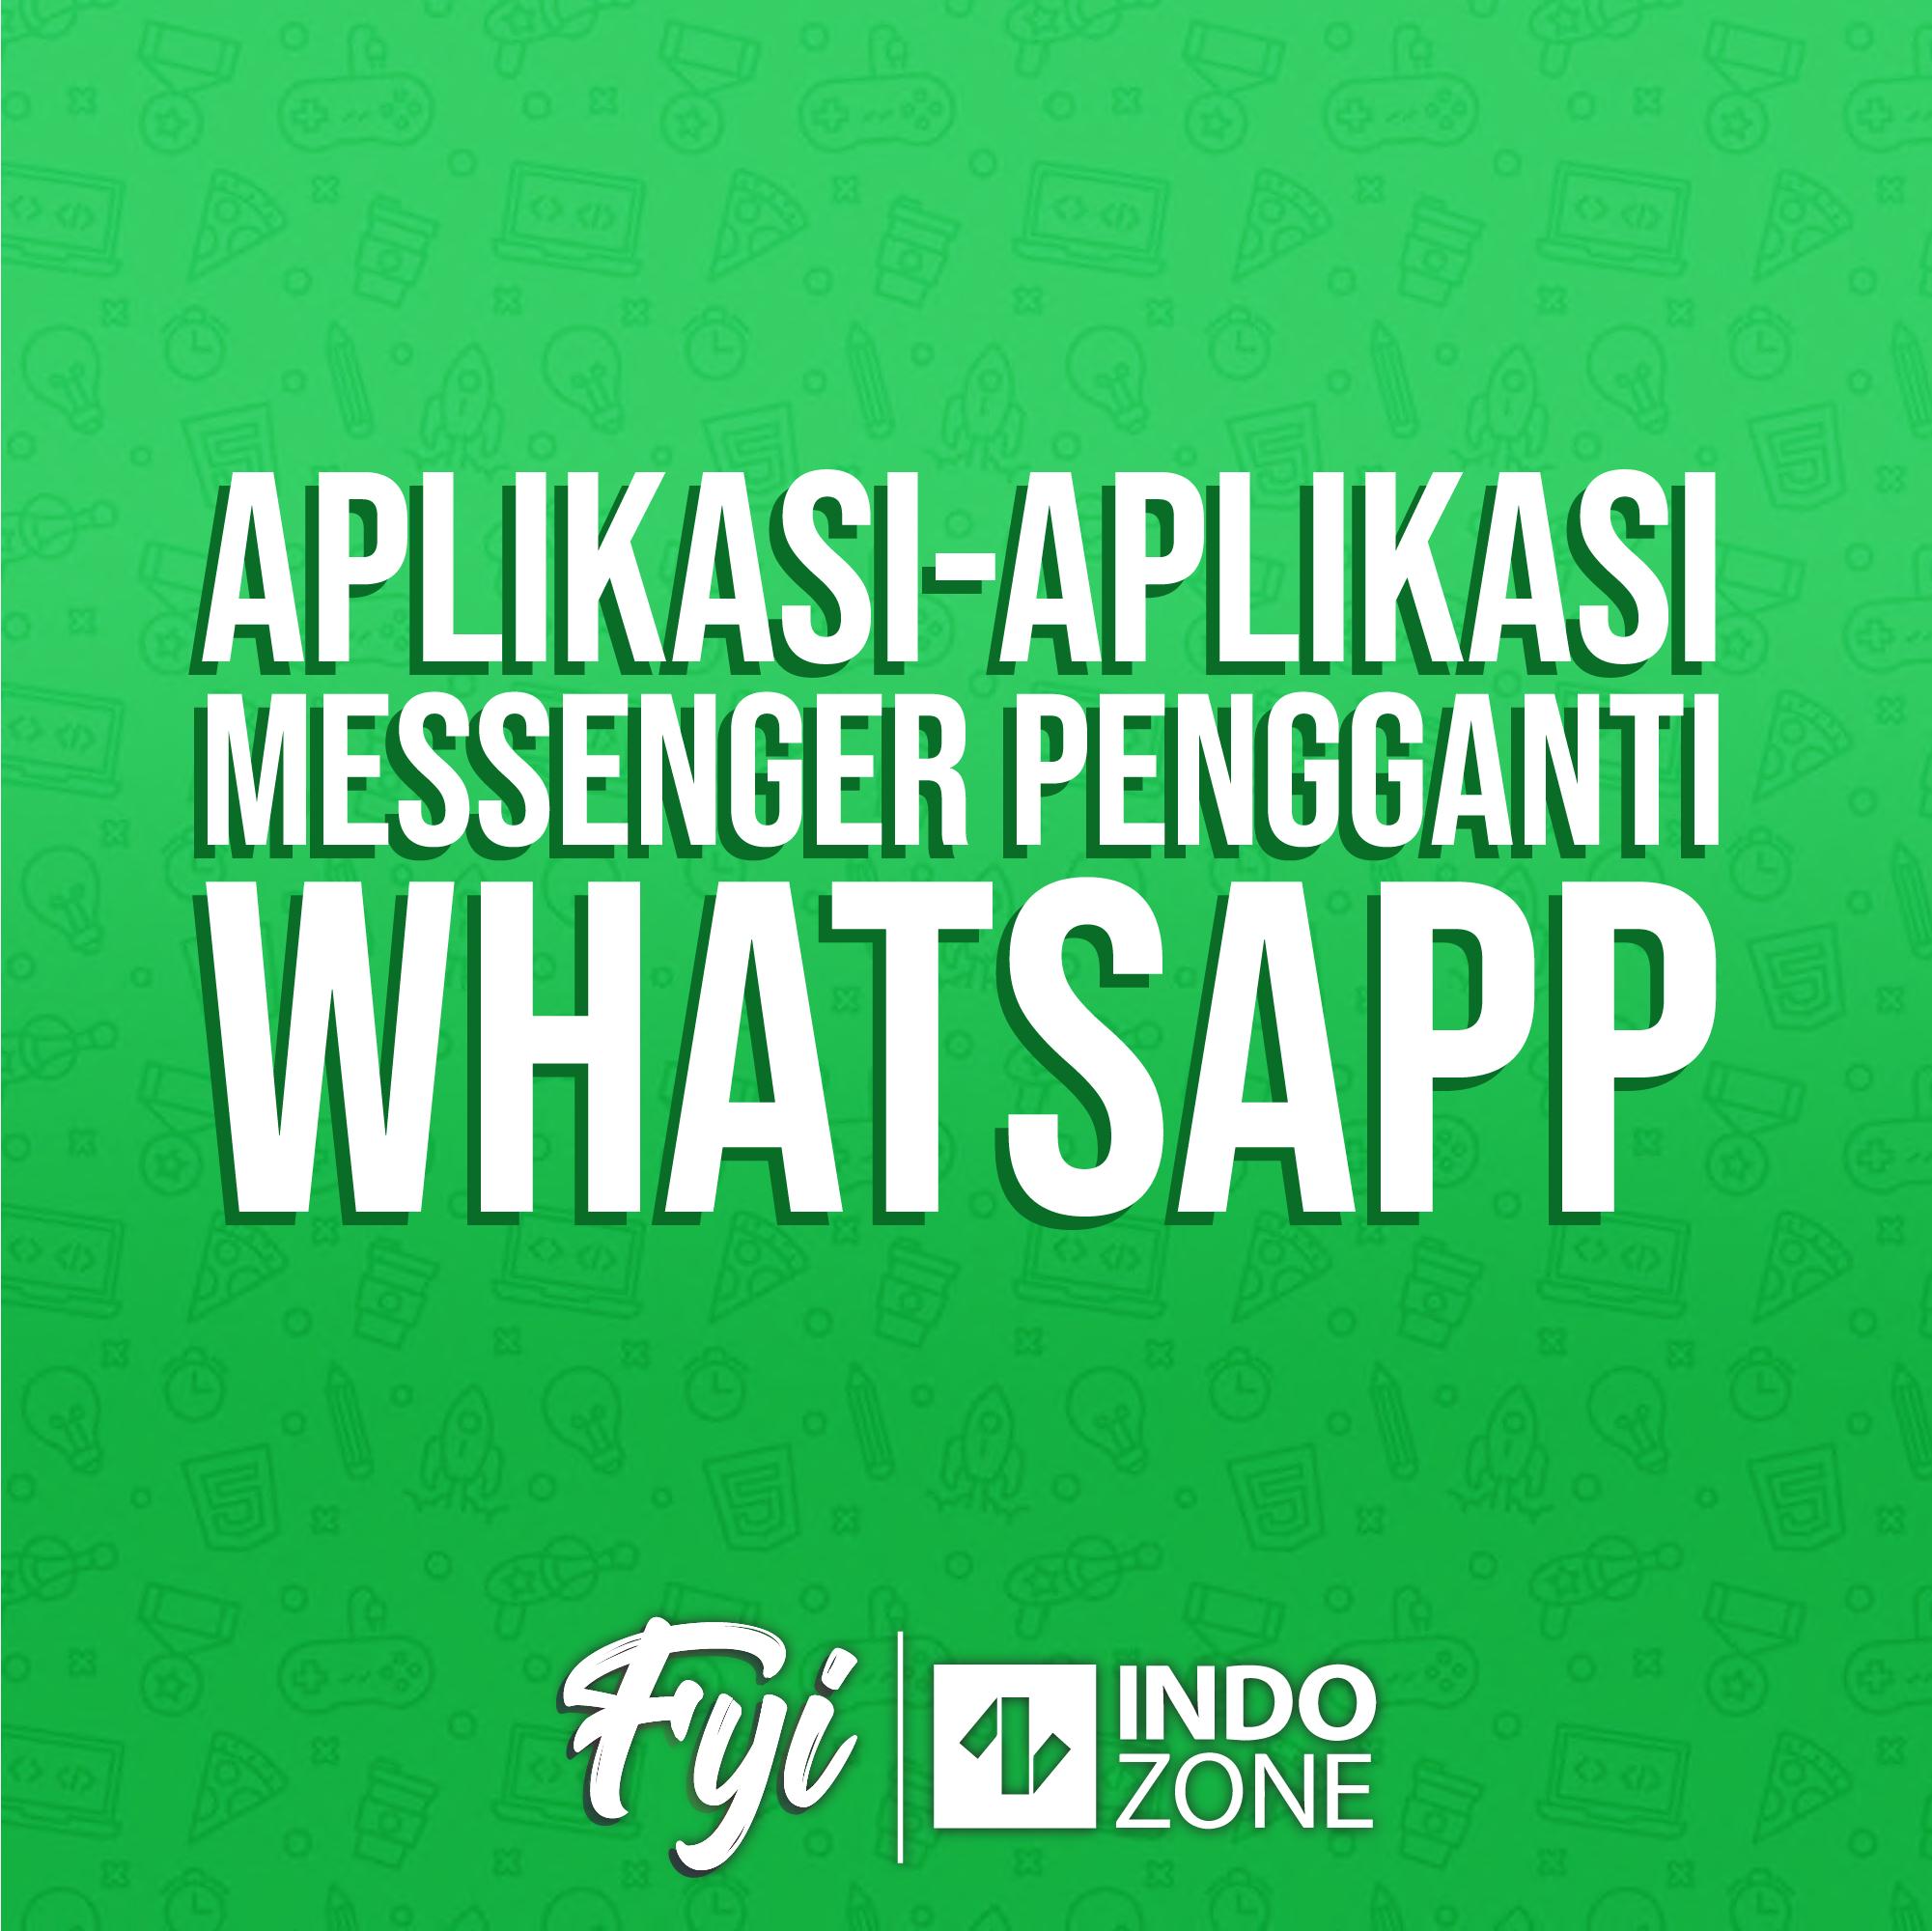 Aplikasi-Aplikasi Messenger Pengganti WhatsApp